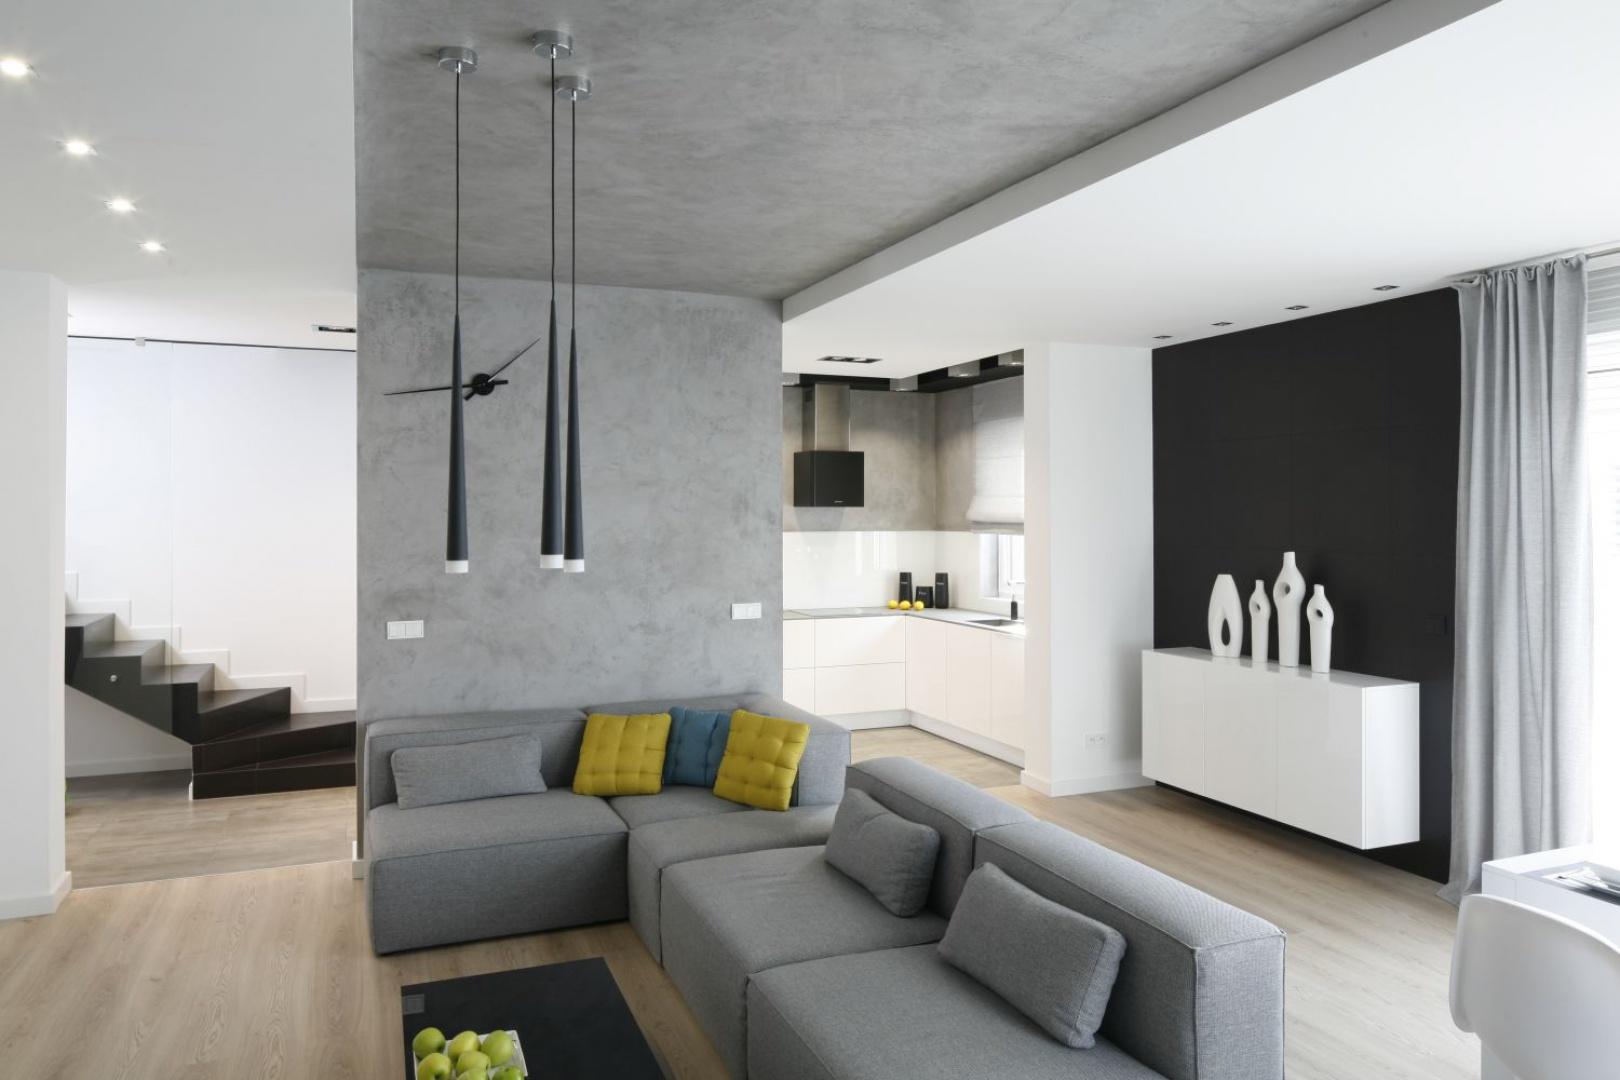 Wnętrze domu funkcjonuje jako chłodna baza, będąca tłem dla domowników. Architektom zależało na tym, aby stworzyć przestrzeń, w której człowiek będzie najcieplejszym dodatkiem, a wybór szarości podyktowany został kontrastem, jaki tworzy z odcieniem ludzkiej skóry. Projekt: Karolina Stanek-Szadujko, Łukasz Szadujko. Fot. Bartosz Jarosz.